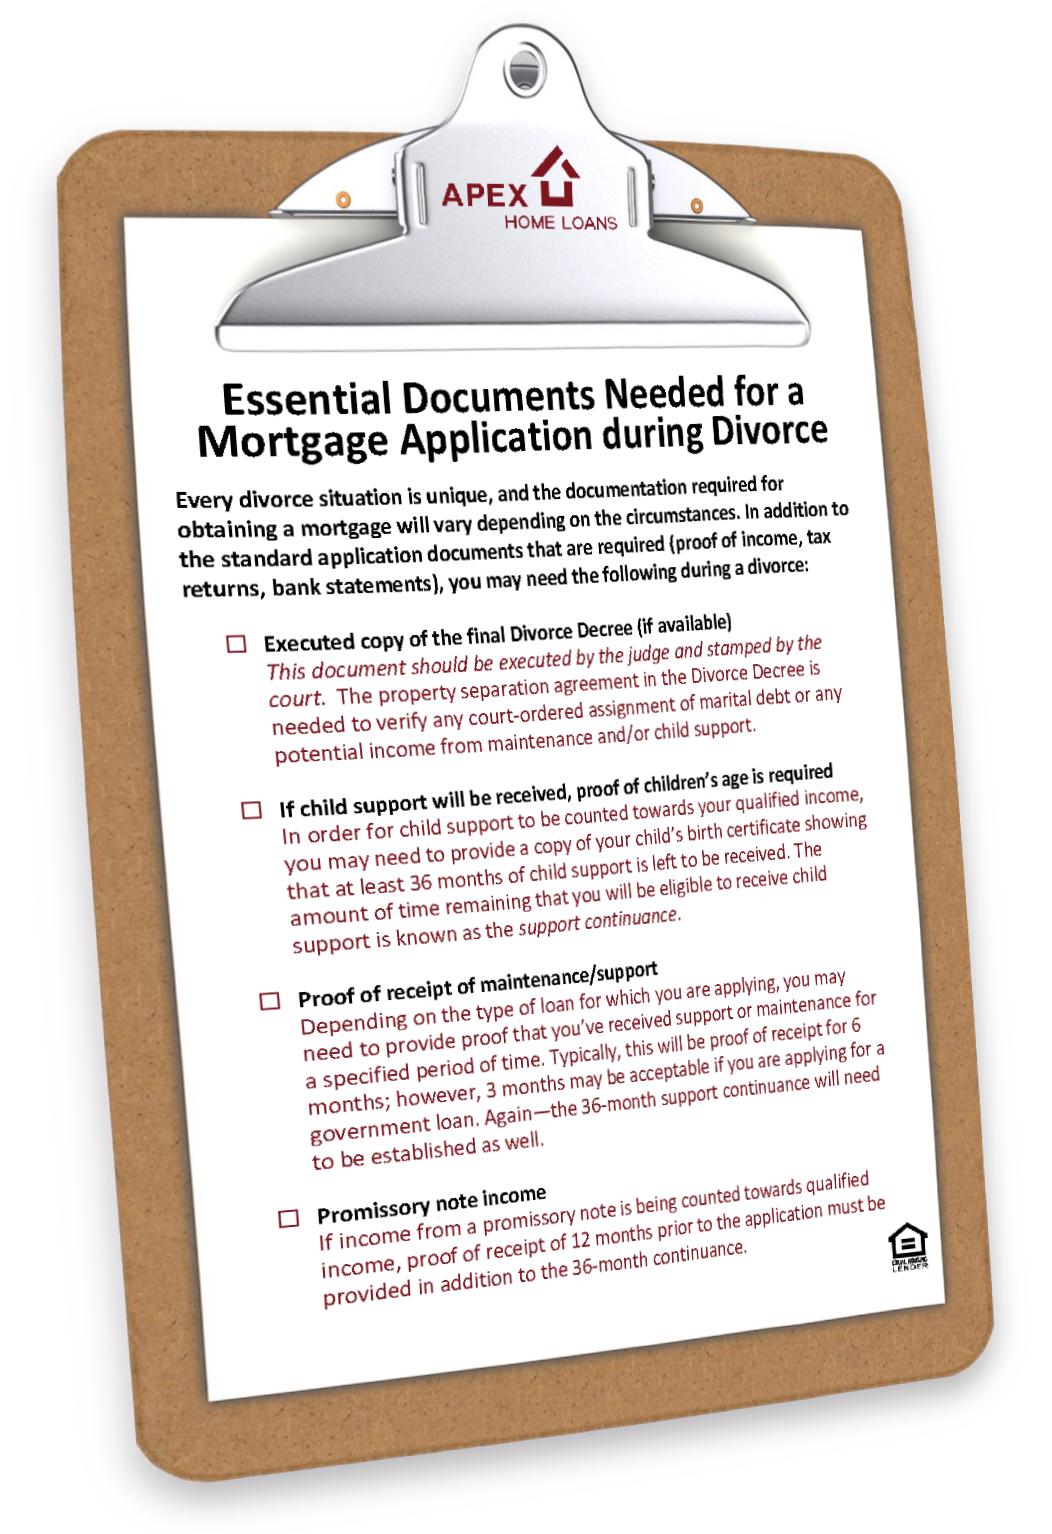 Divorce_docs_needed_graphic.png